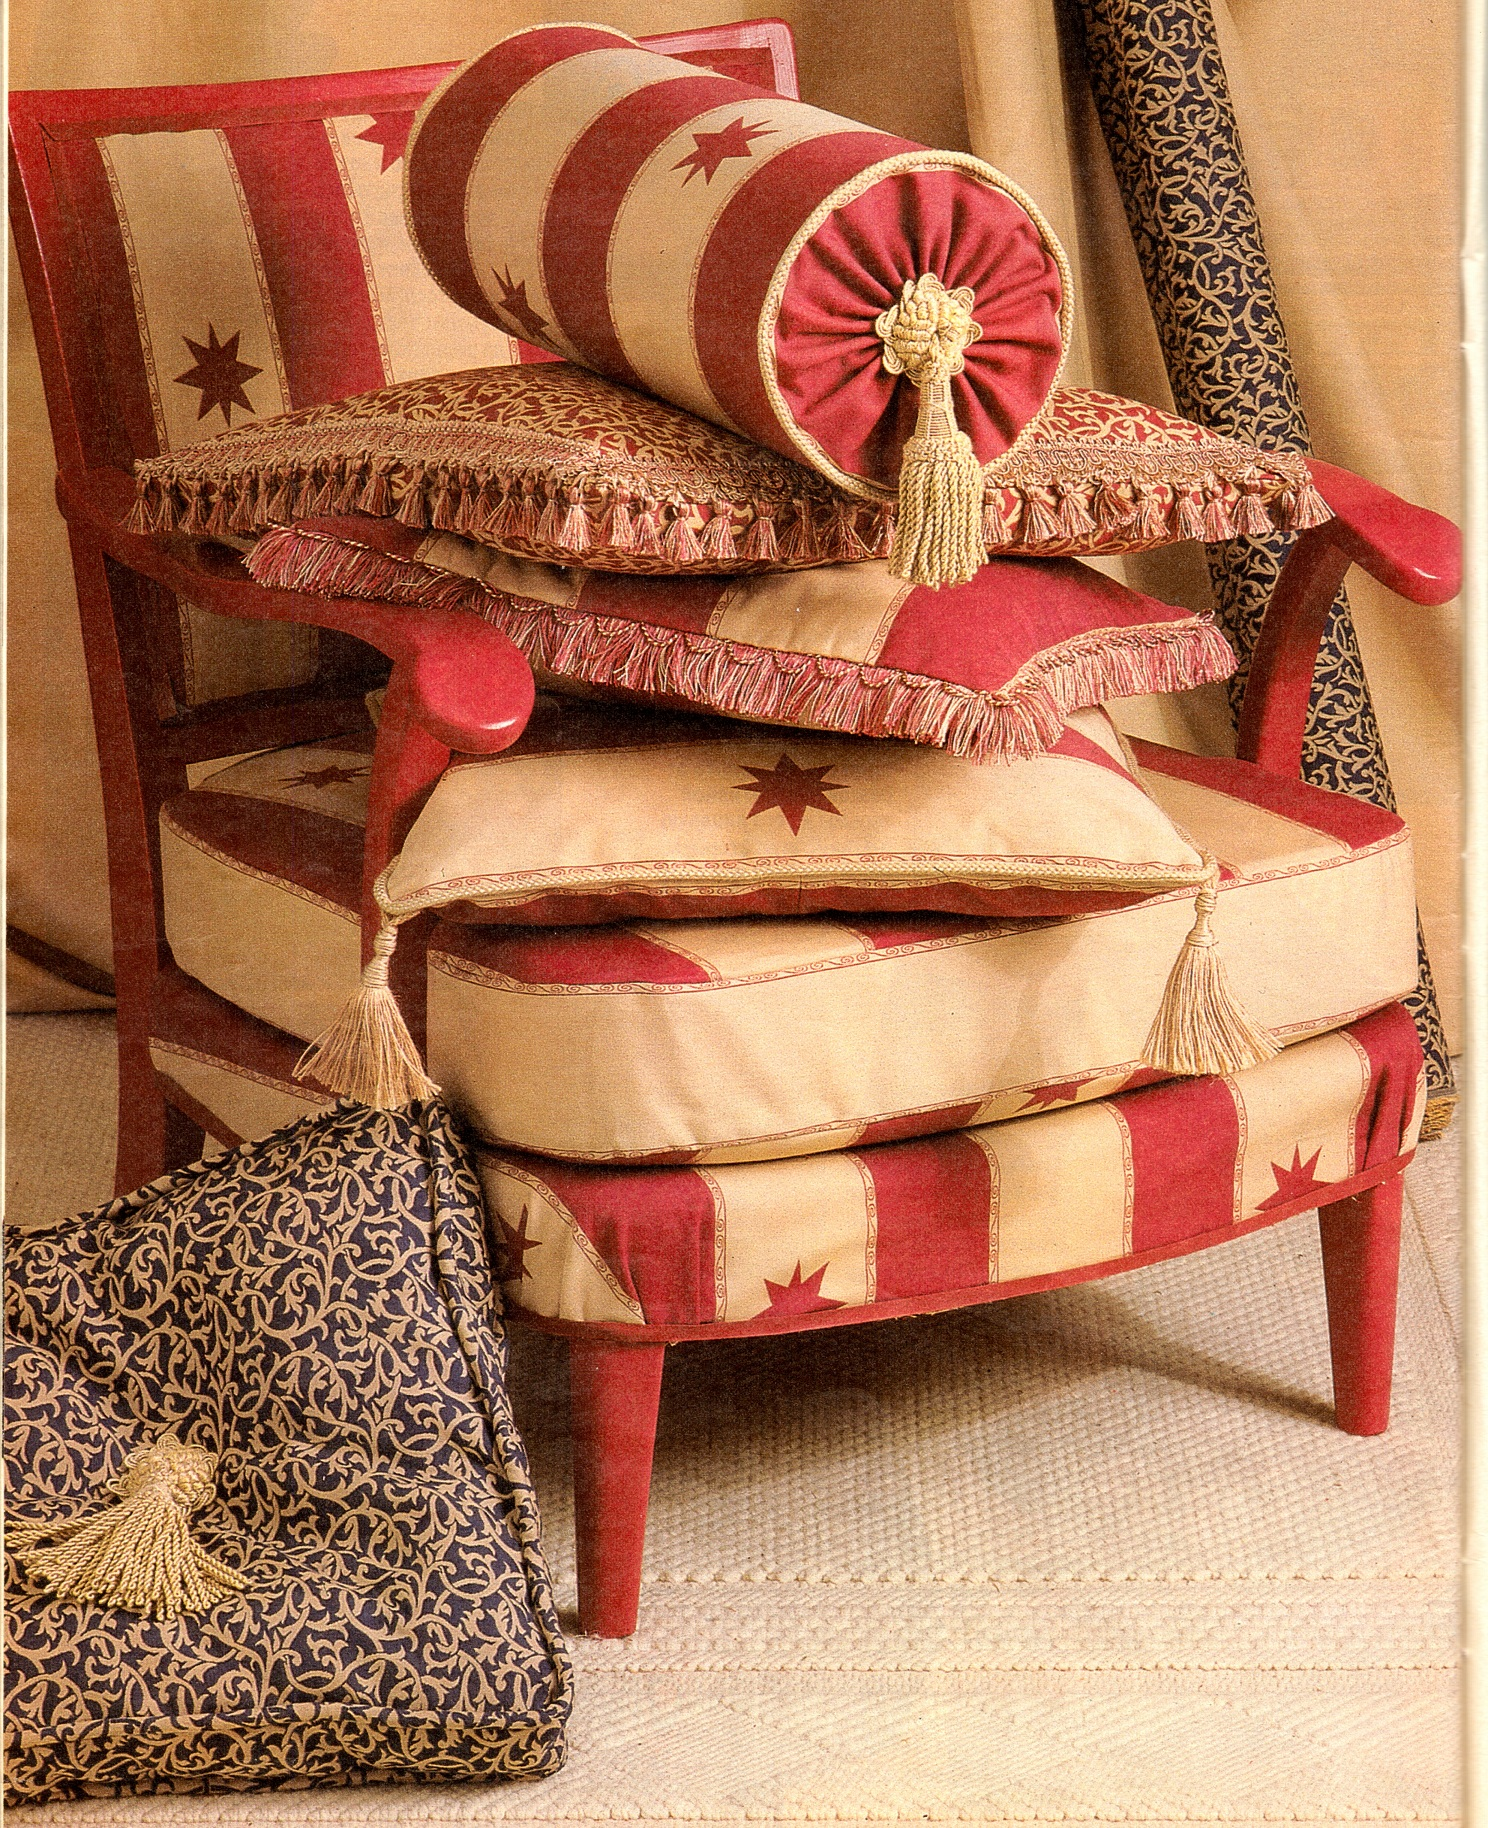 Кисти на декоративных подушках